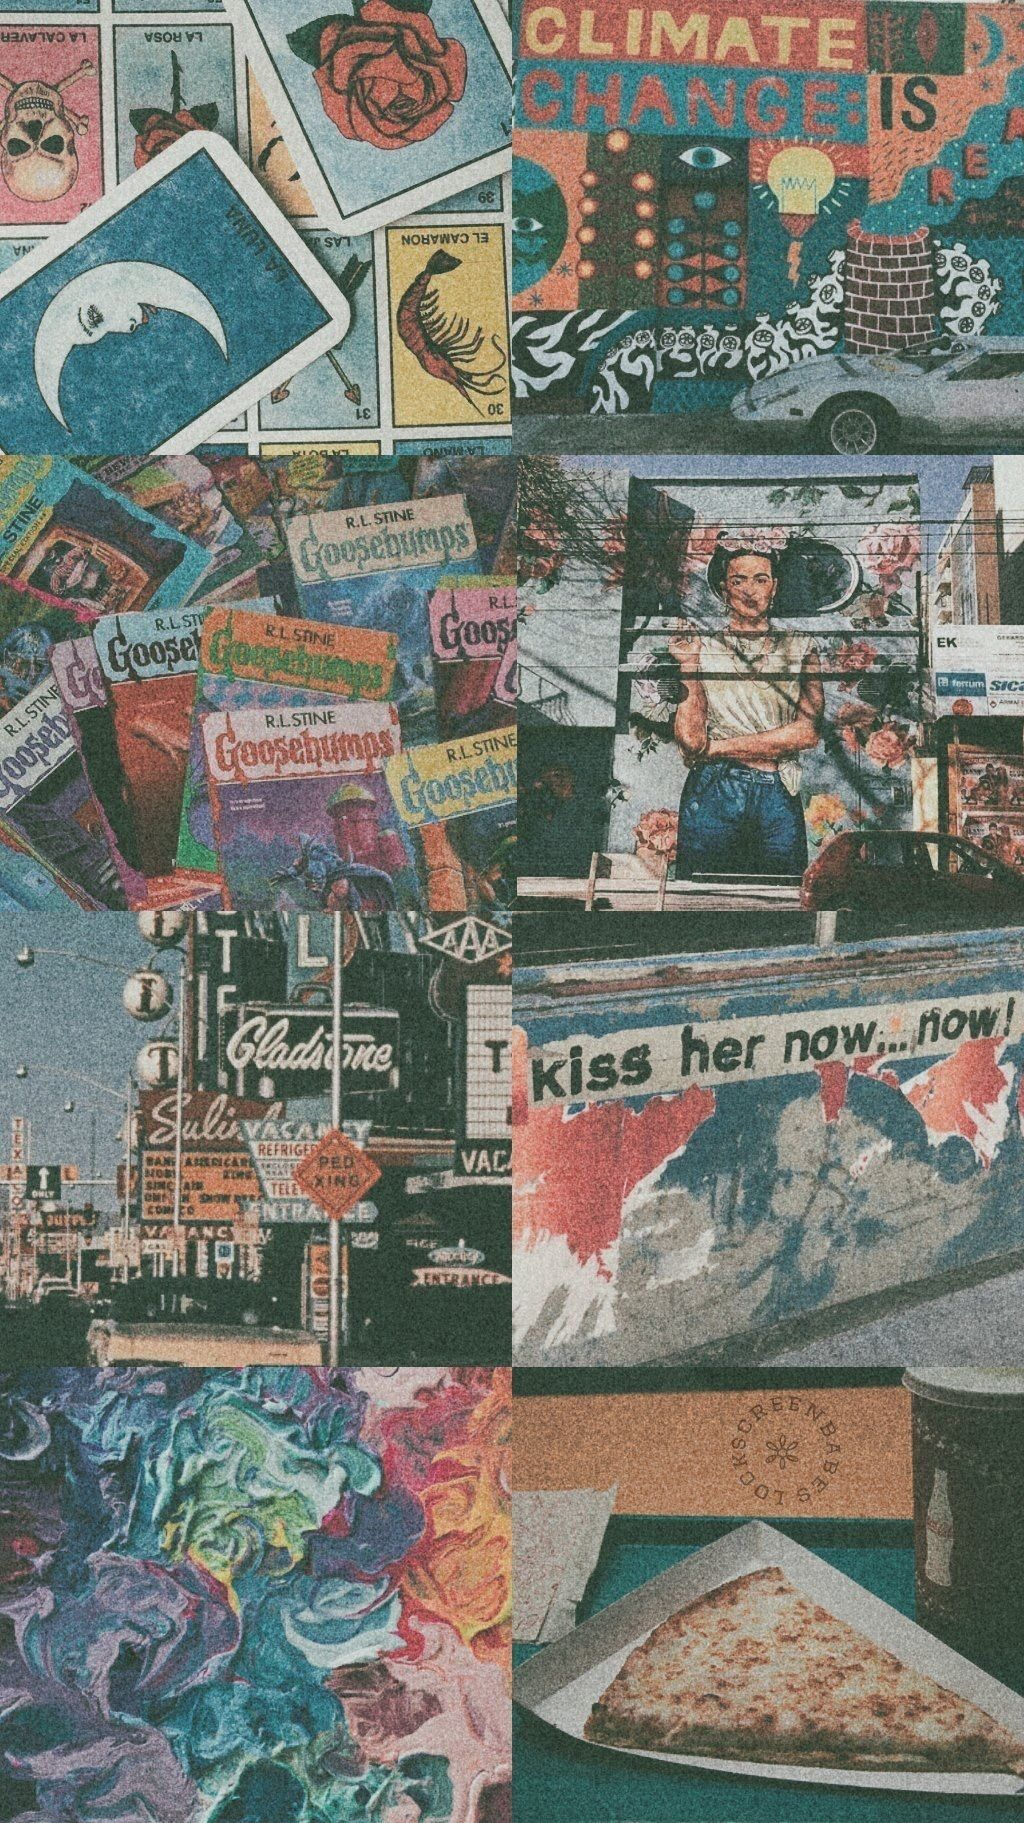 Retro Vintage Wallpaper Iphone : retro, vintage, wallpaper, iphone, Retro, Vintage, Wallpaper, Iphone